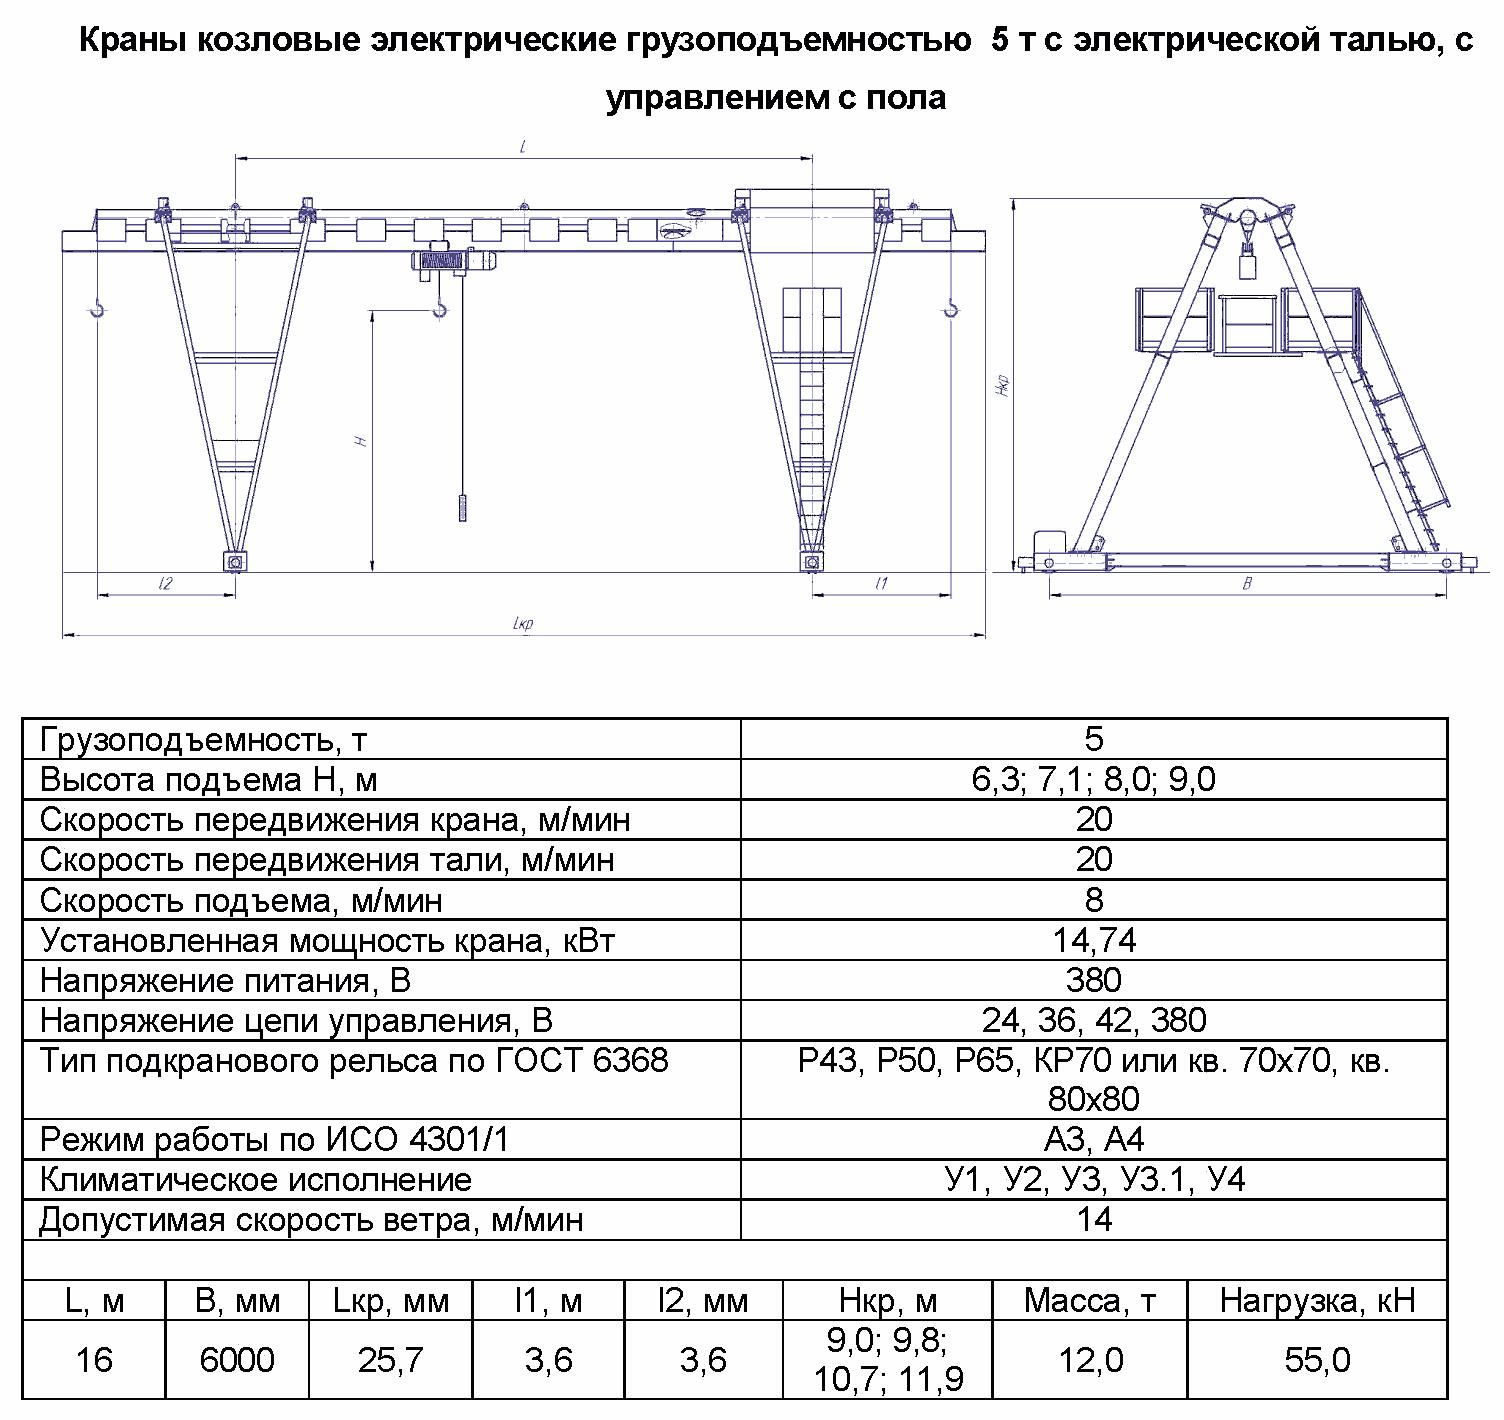 KKO 5 160 - Кран козловой электрический однобалочный